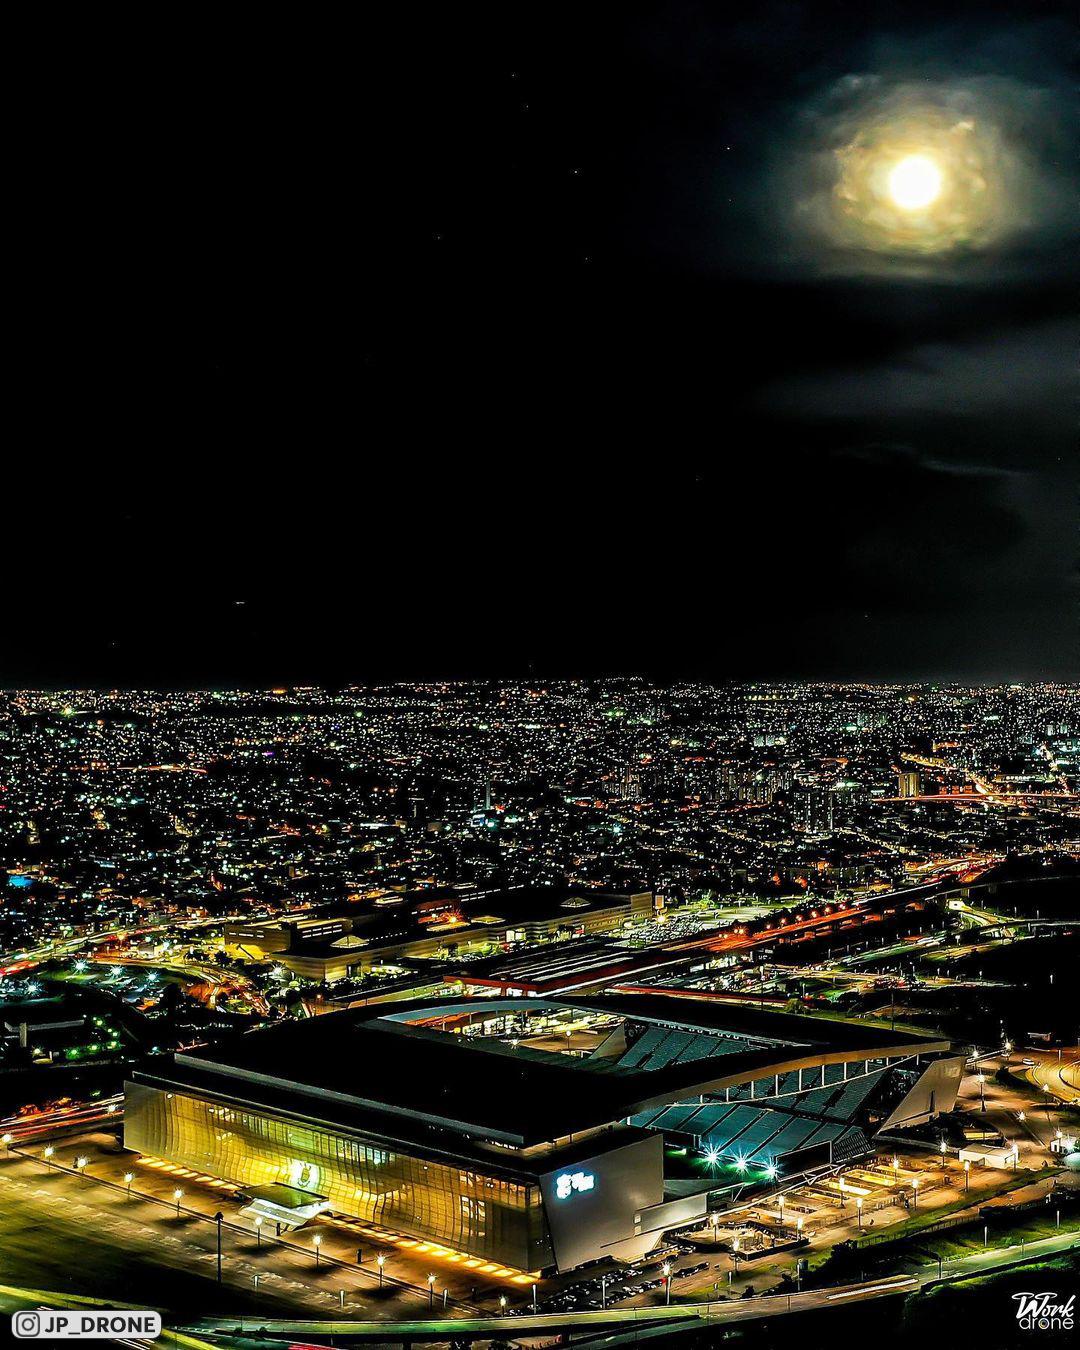 Необычный дизайн бразильского стадиона «Нео Кимика Арена», на котором играет «Коринтианс» (фото с дронов)